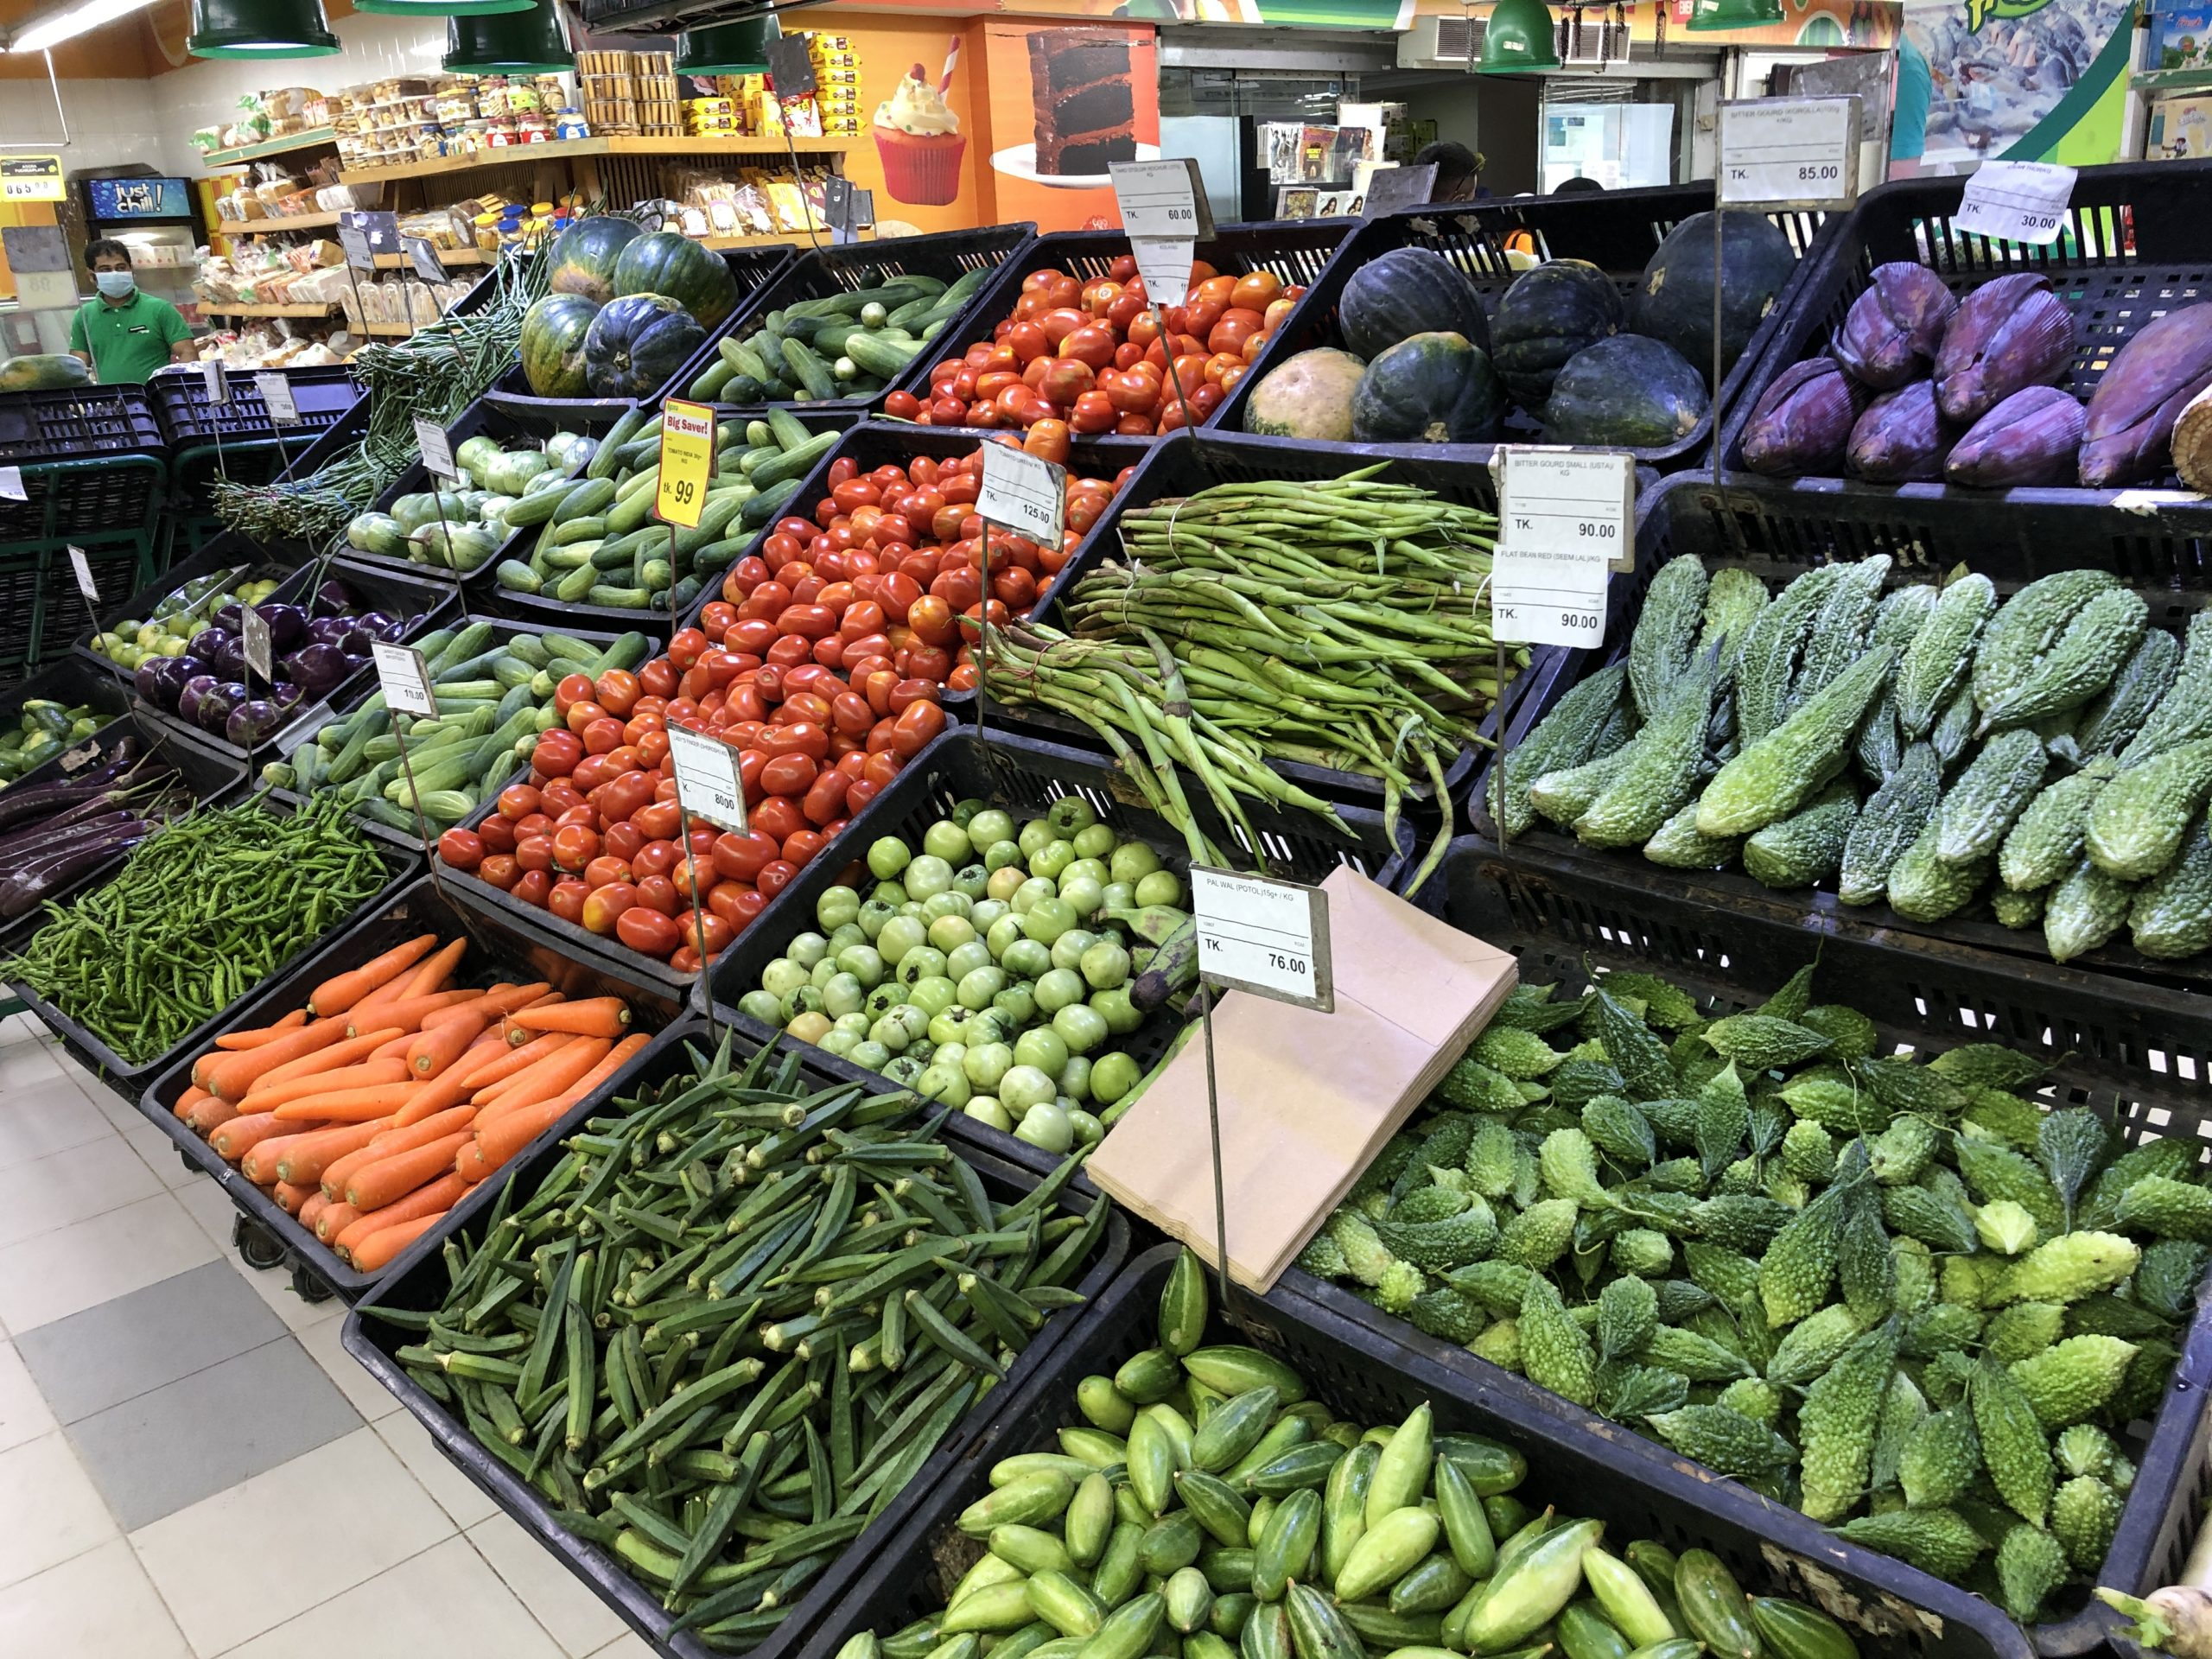 バングラデシュ、冬野菜の価格が下落